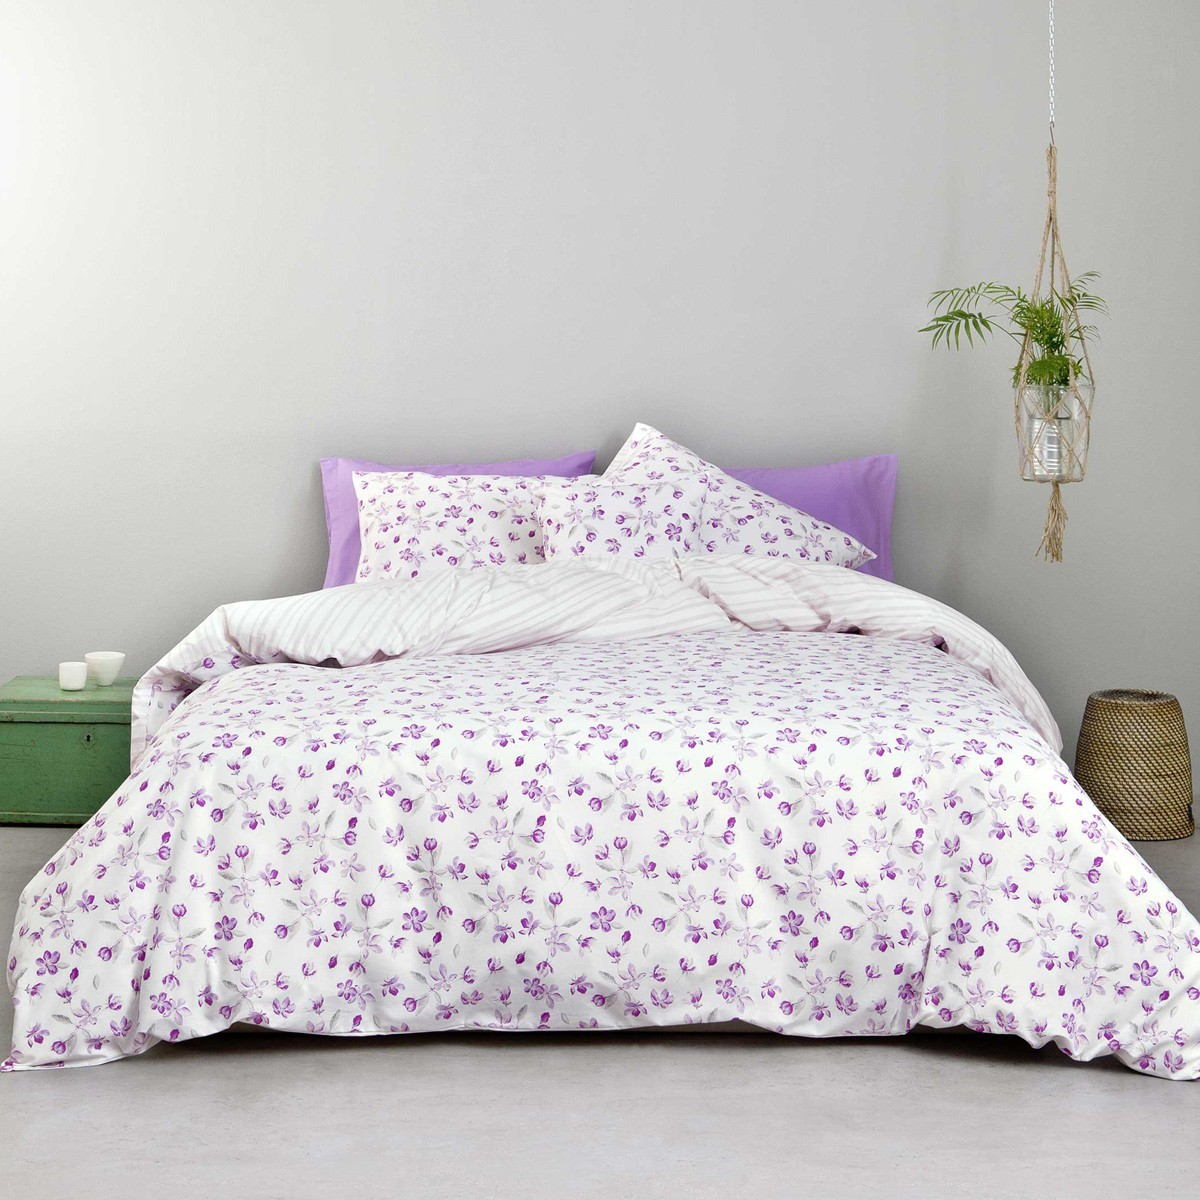 Παπλωματοθήκη Υπέρδιπλη (Σετ) Nima Bed Linen Water Lily Lilac